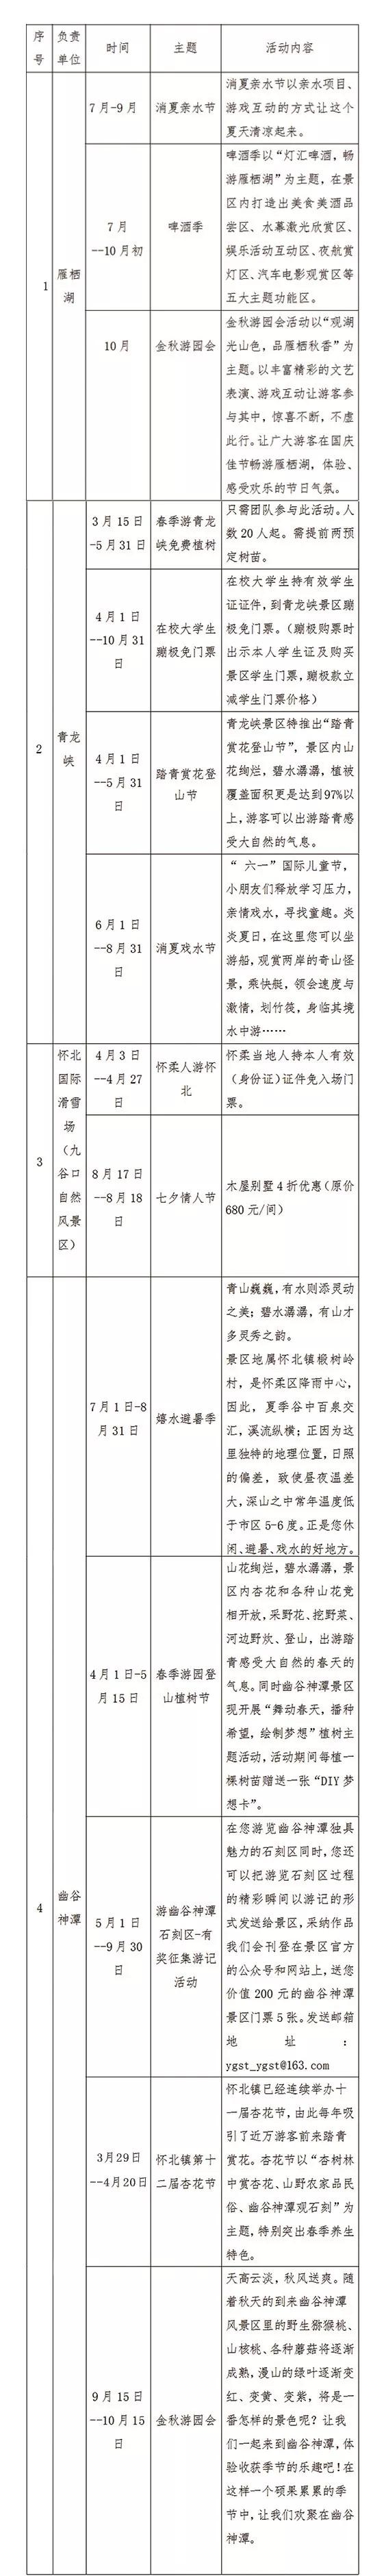 2019北京怀柔惠民旅游季活动及优惠政策